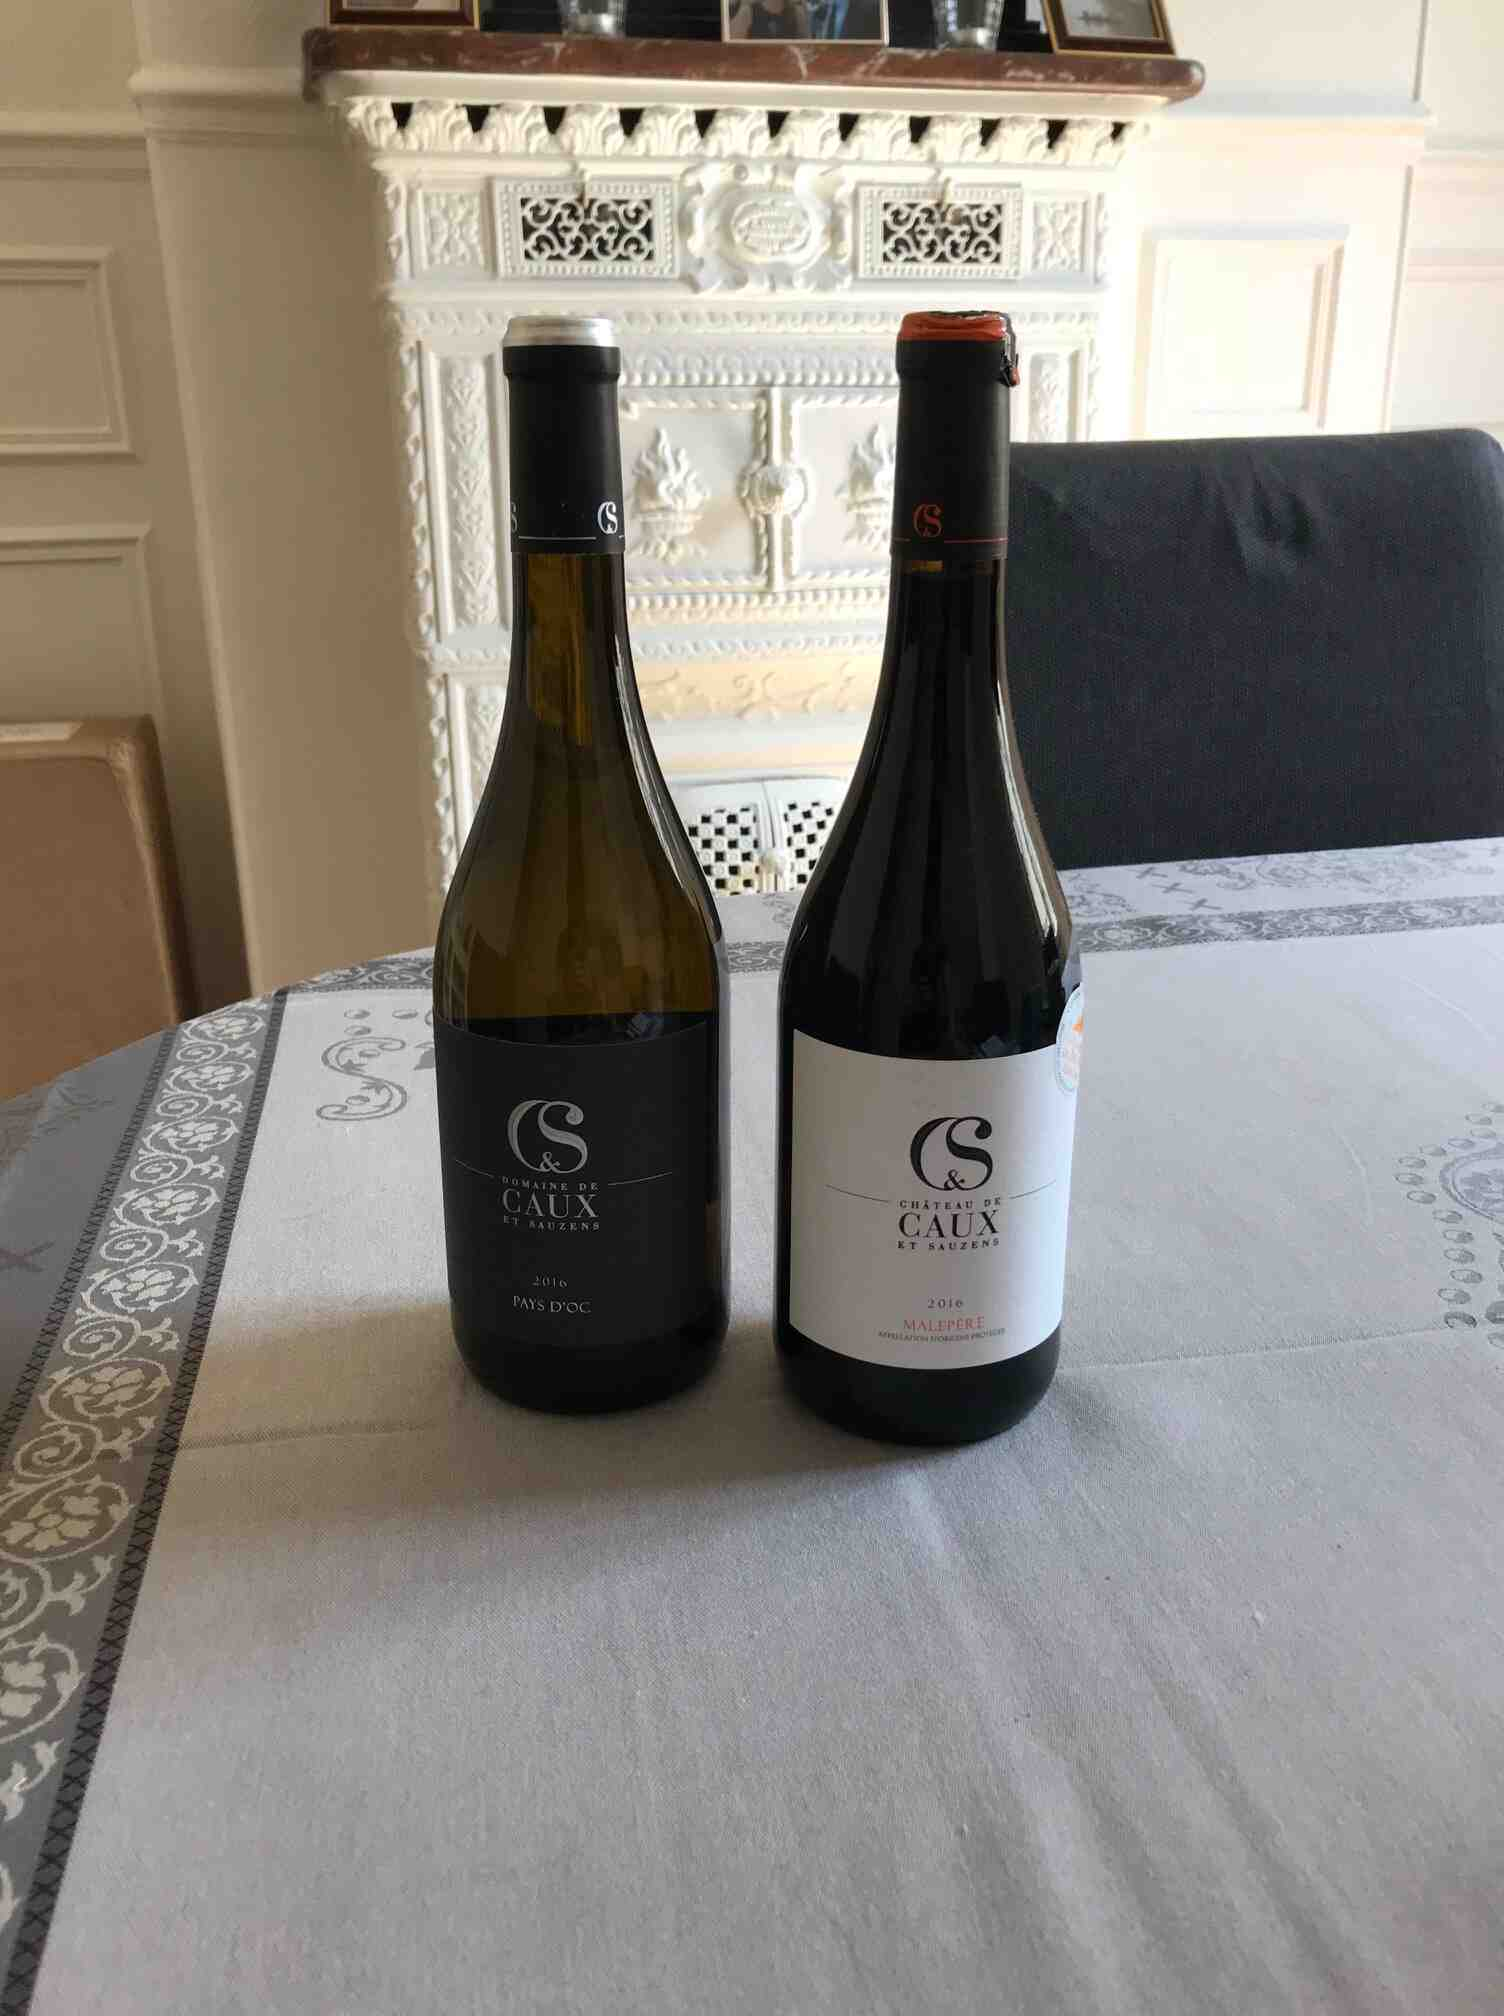 Quel pays a le meilleur vin?